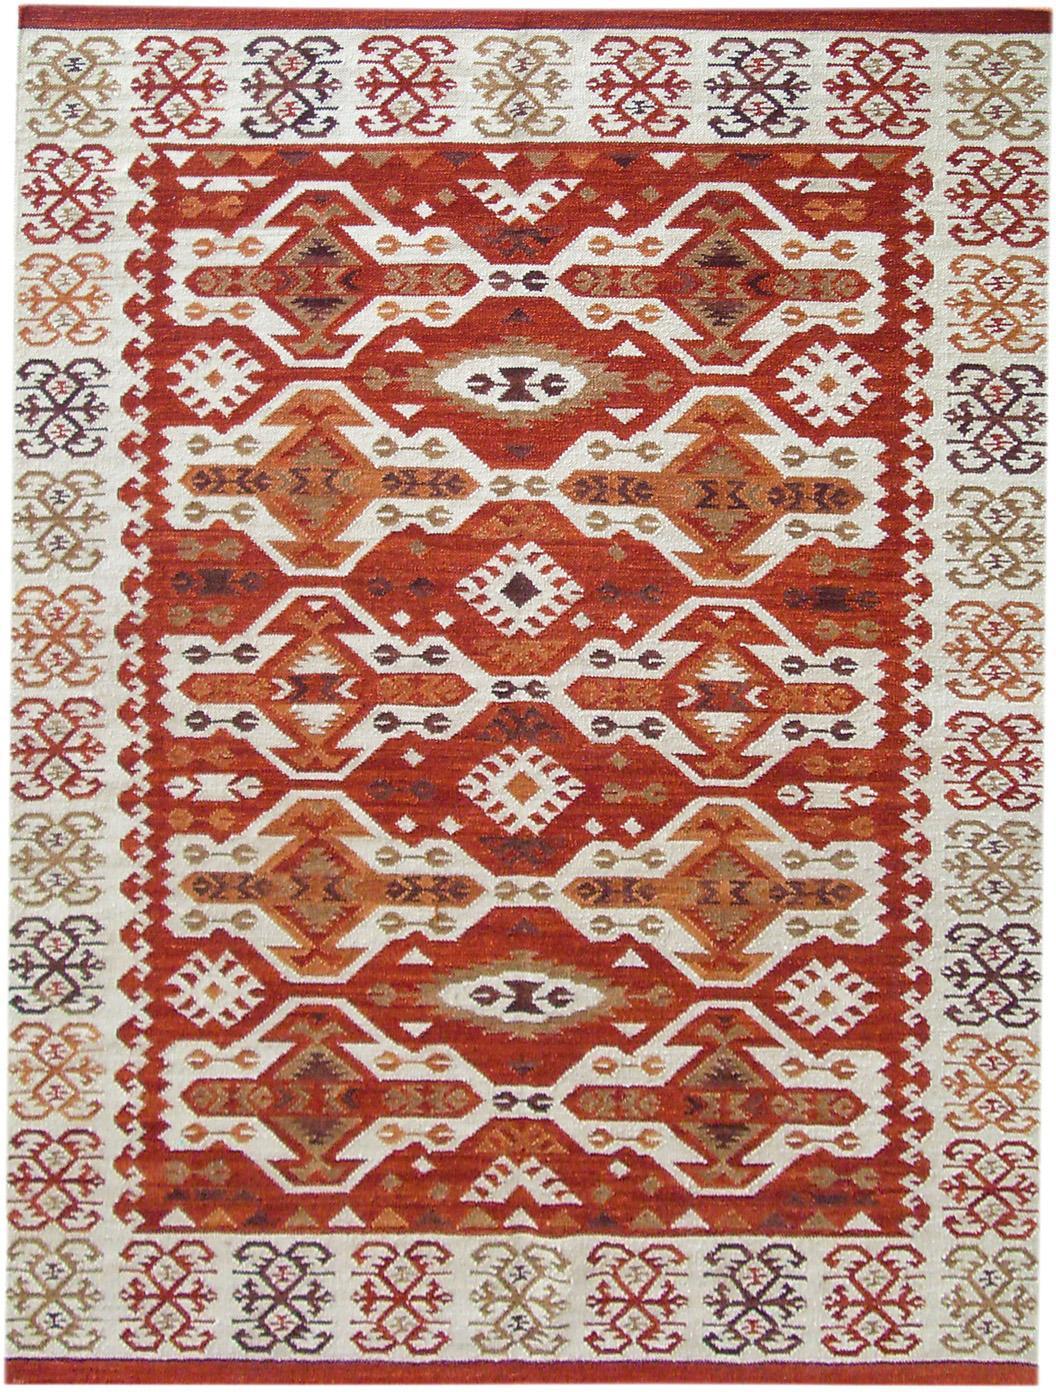 Tappeto in lana tessuto a mano Ria, 100% lana, Rosso, beige, arancione, marrone, Larg. 120 x Lung. 180 cm (taglia S)